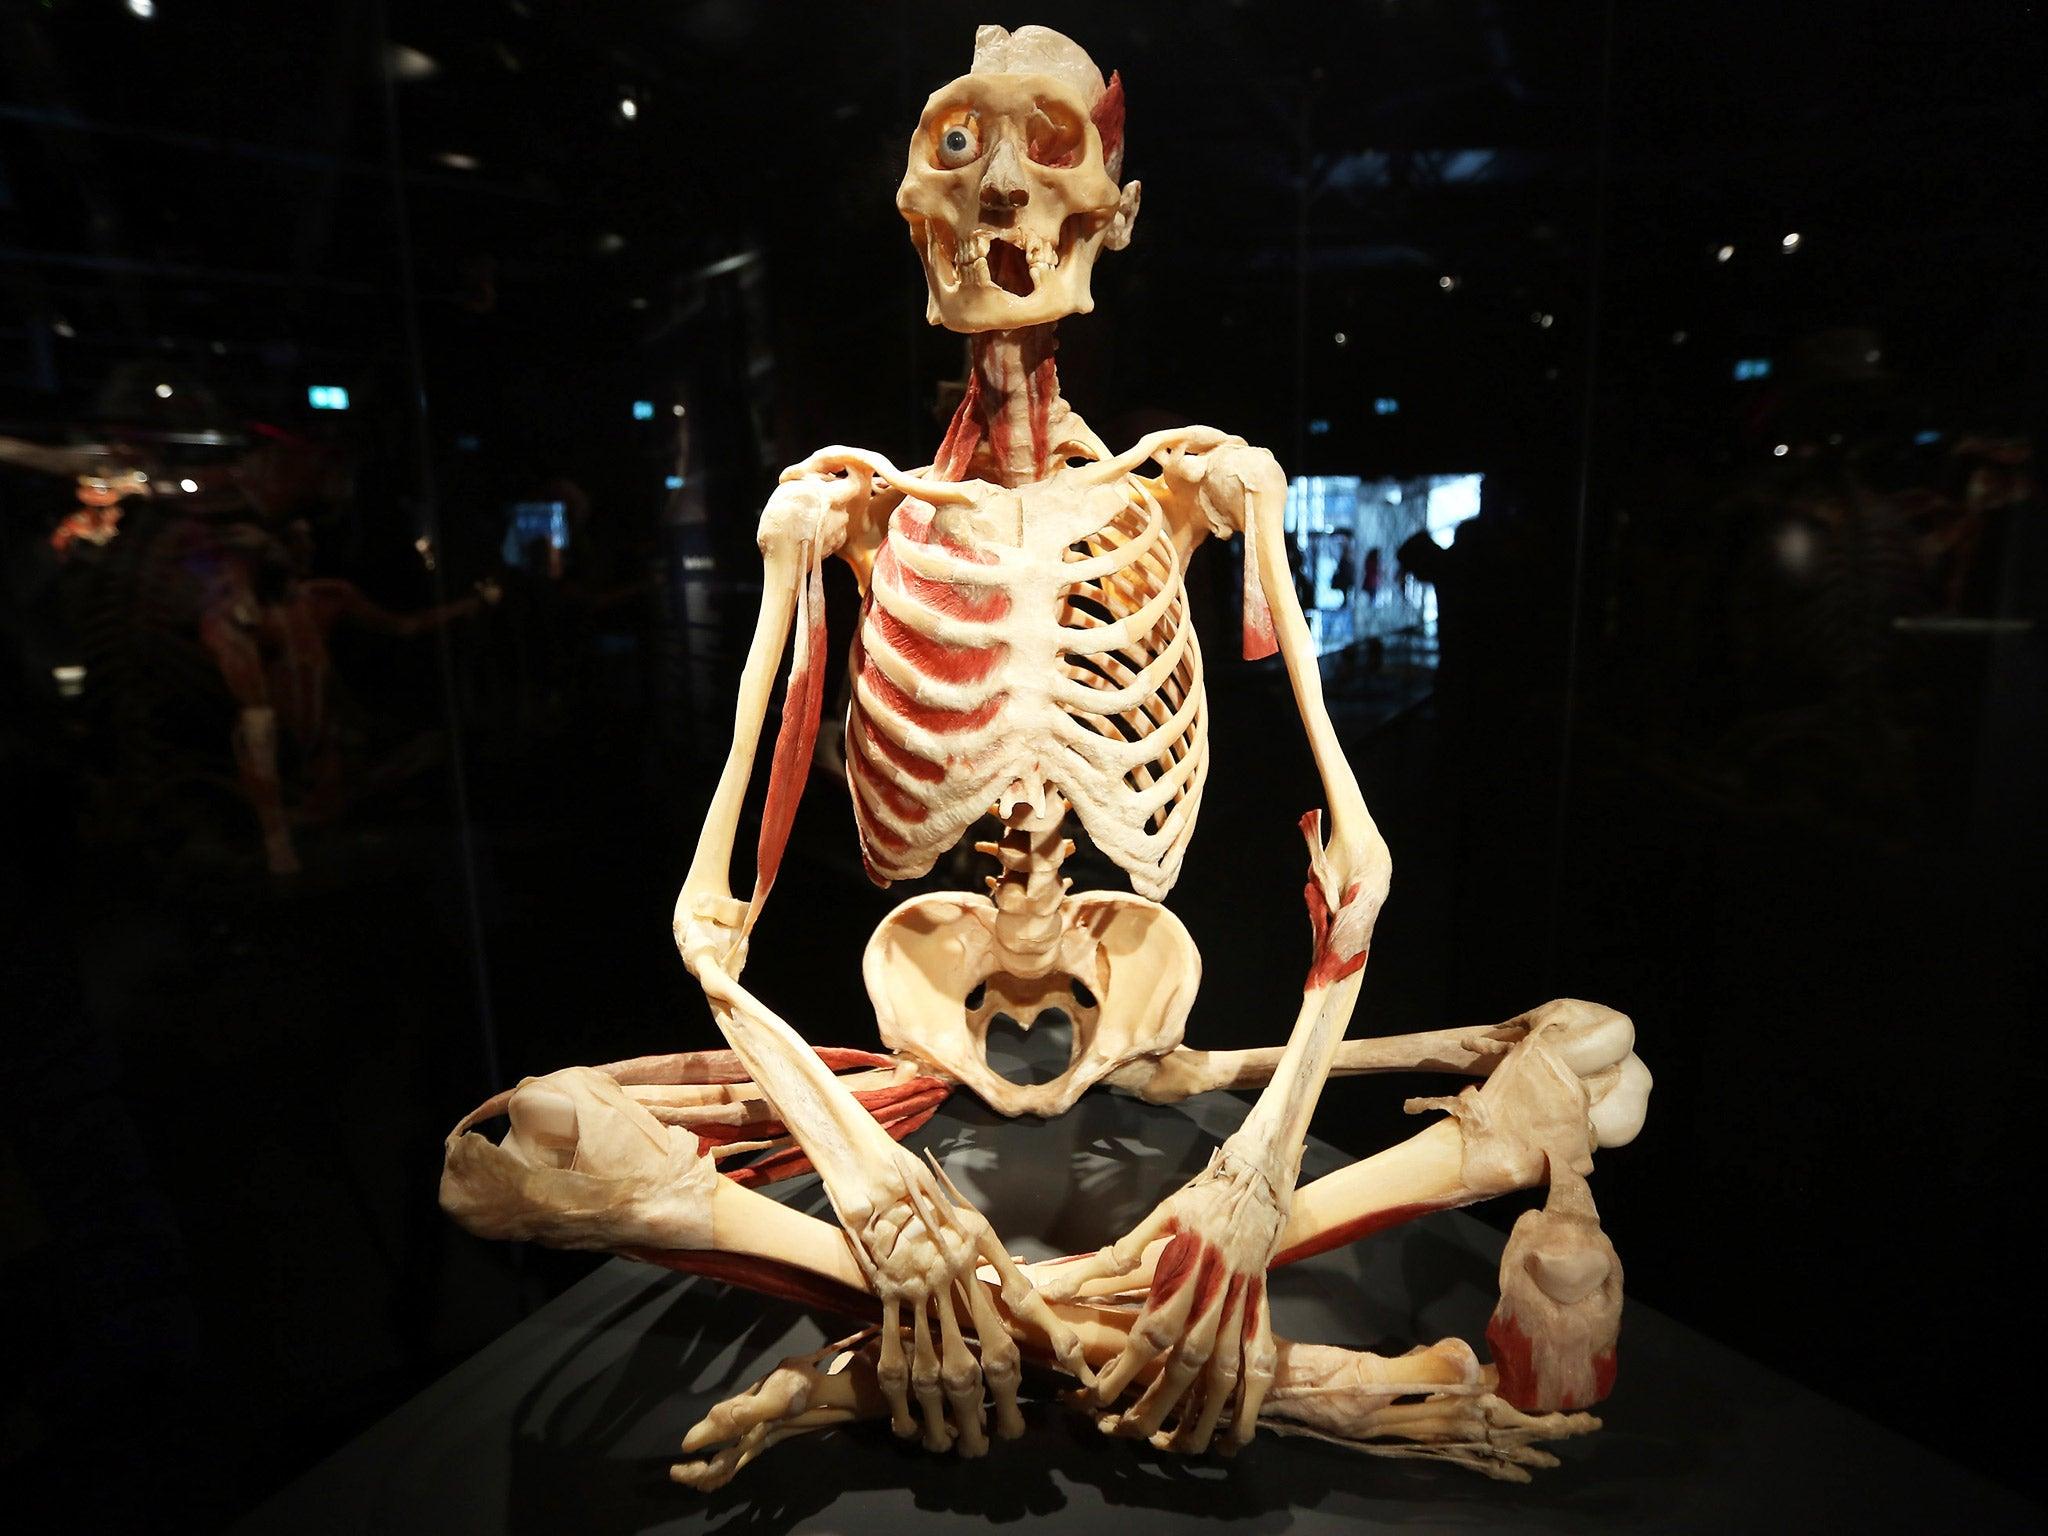 Bodyworlds Museum Dr Gunther Von Hagens Has Battled Legal Threats